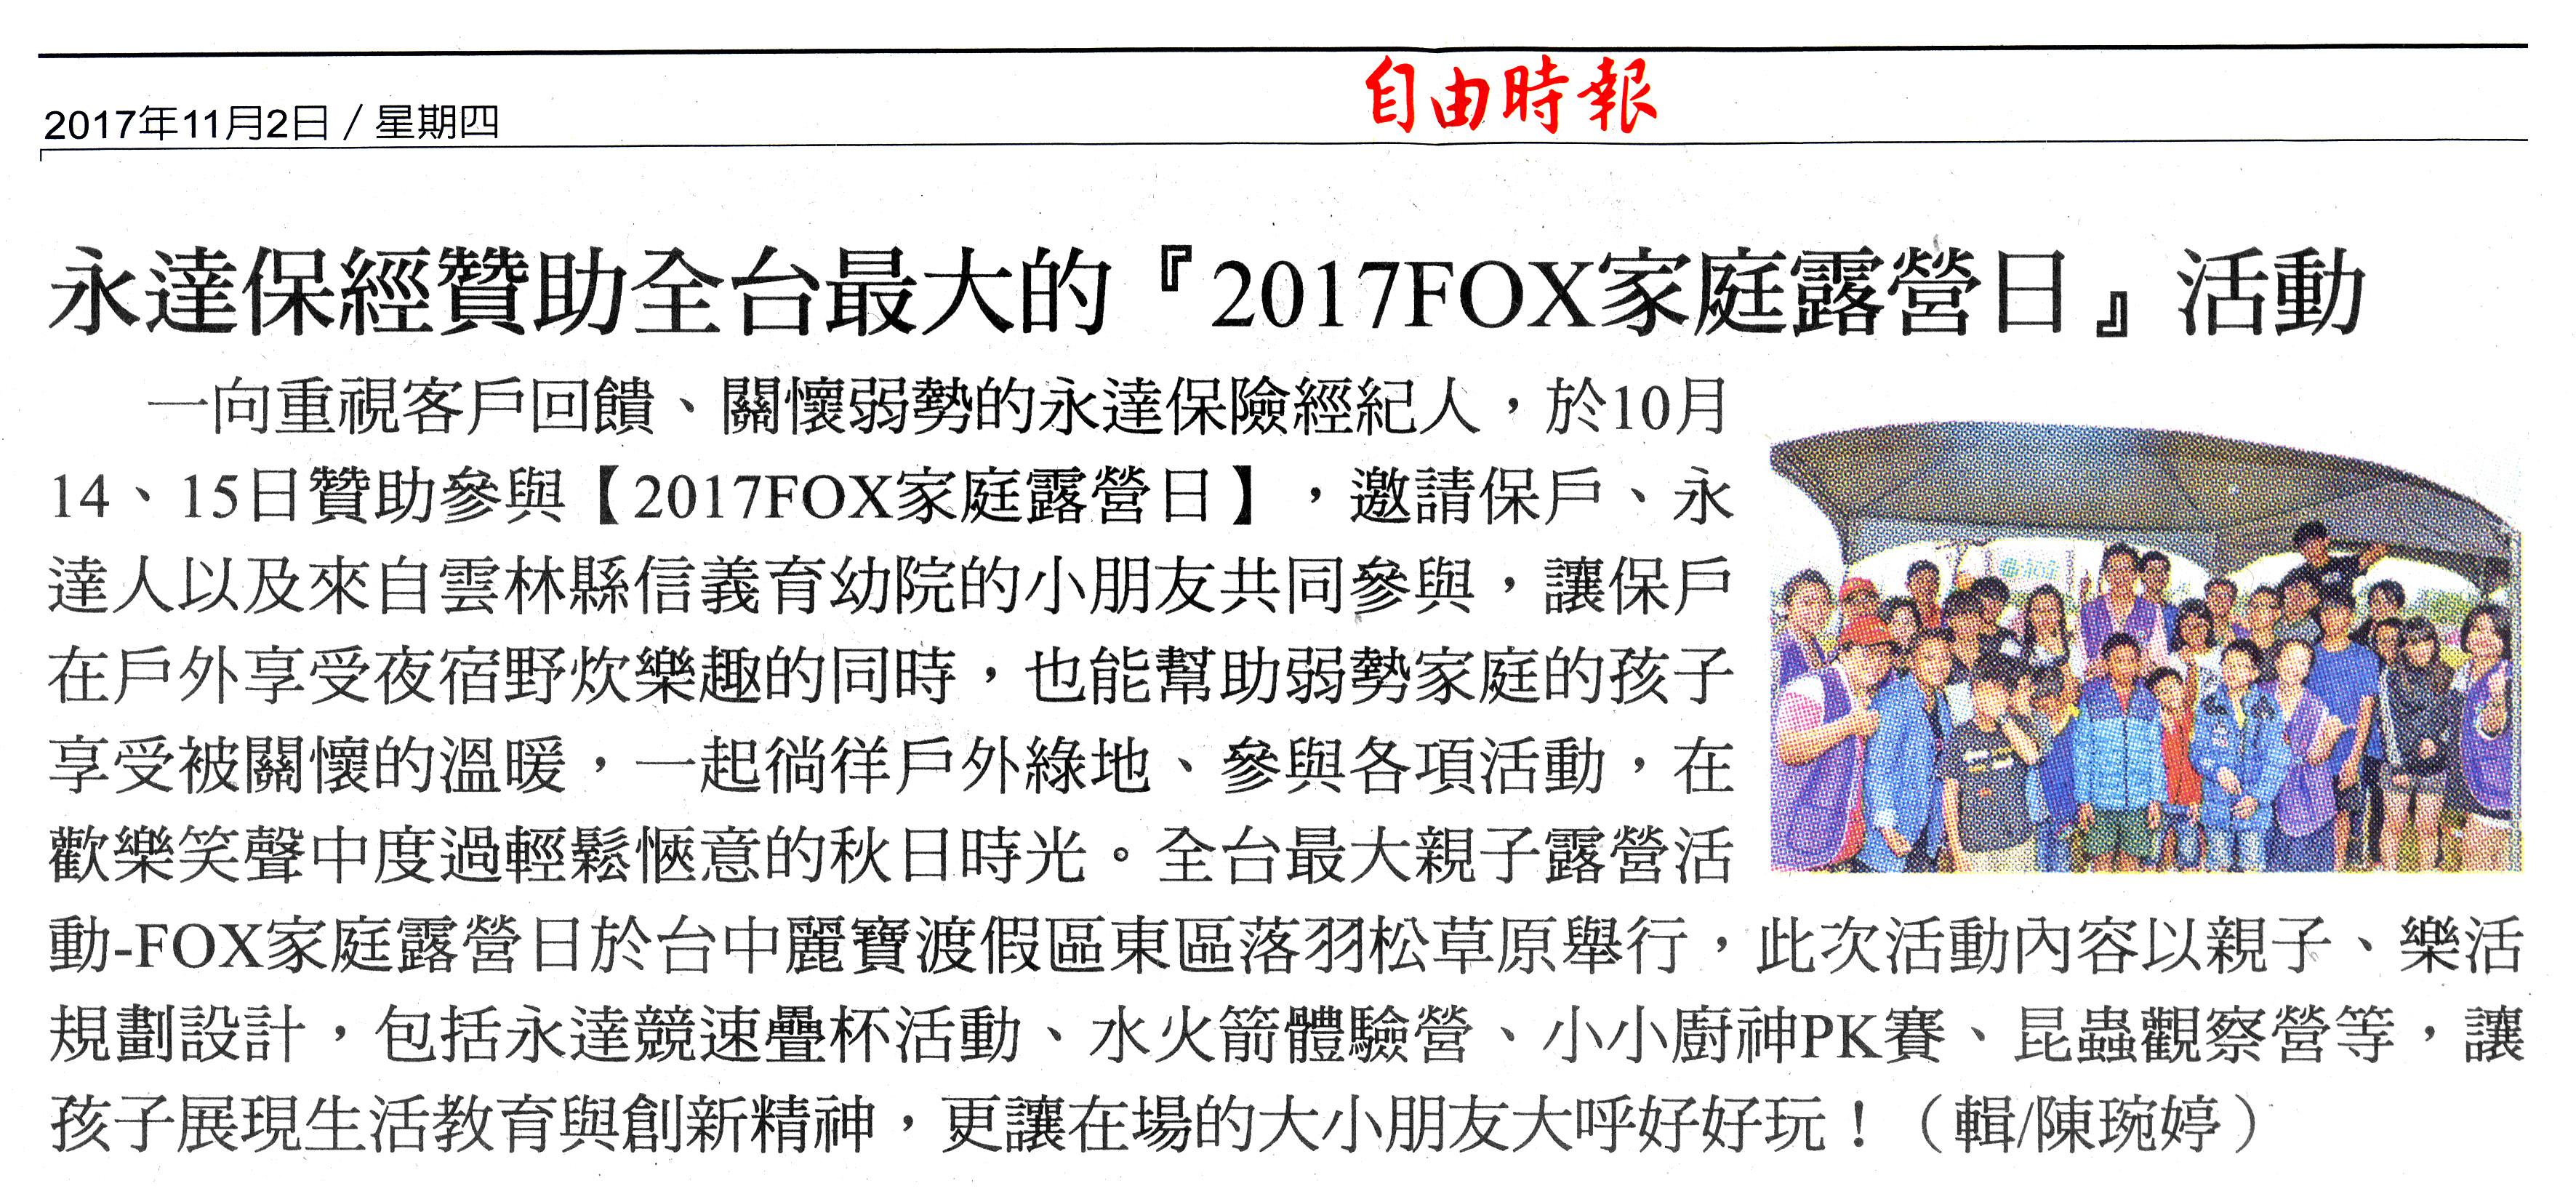 永達保經贊助全台最大的『2017FOX家庭露營日』活動